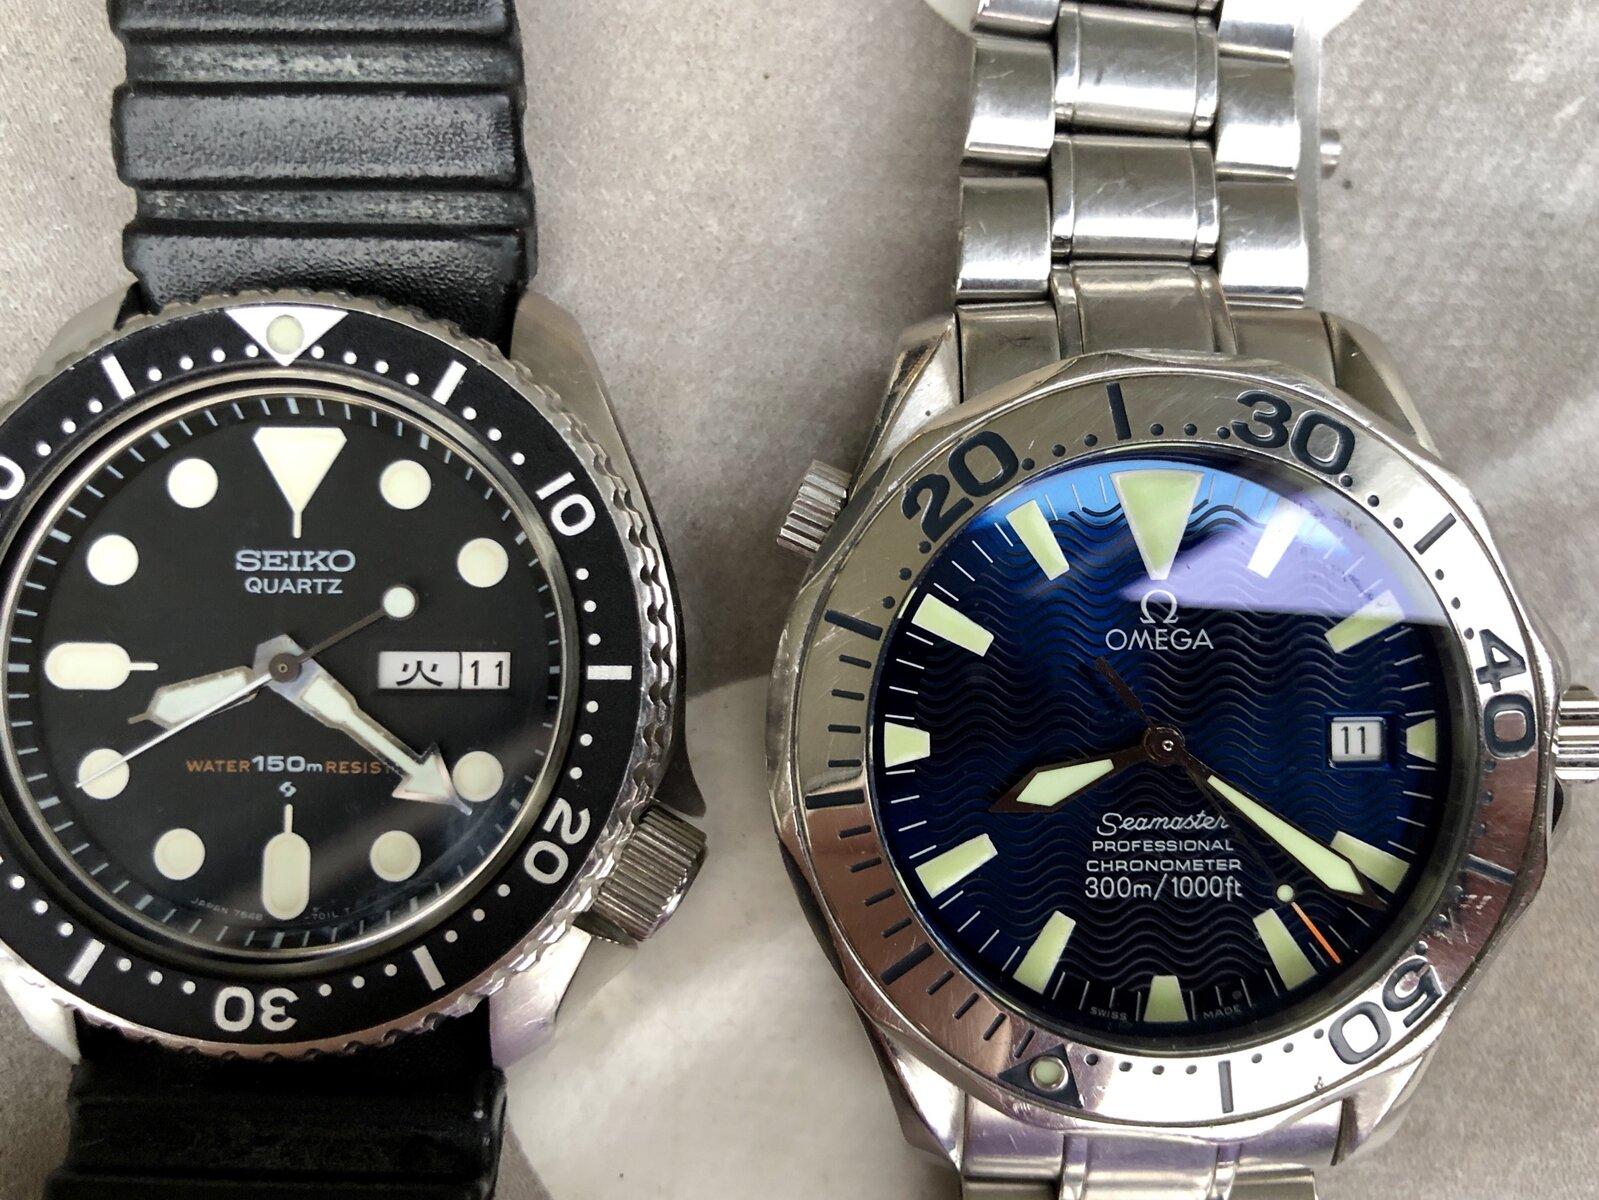 BDE8FAE5-F837-4B1E-B3A2-CCB5E3F4E2F8.